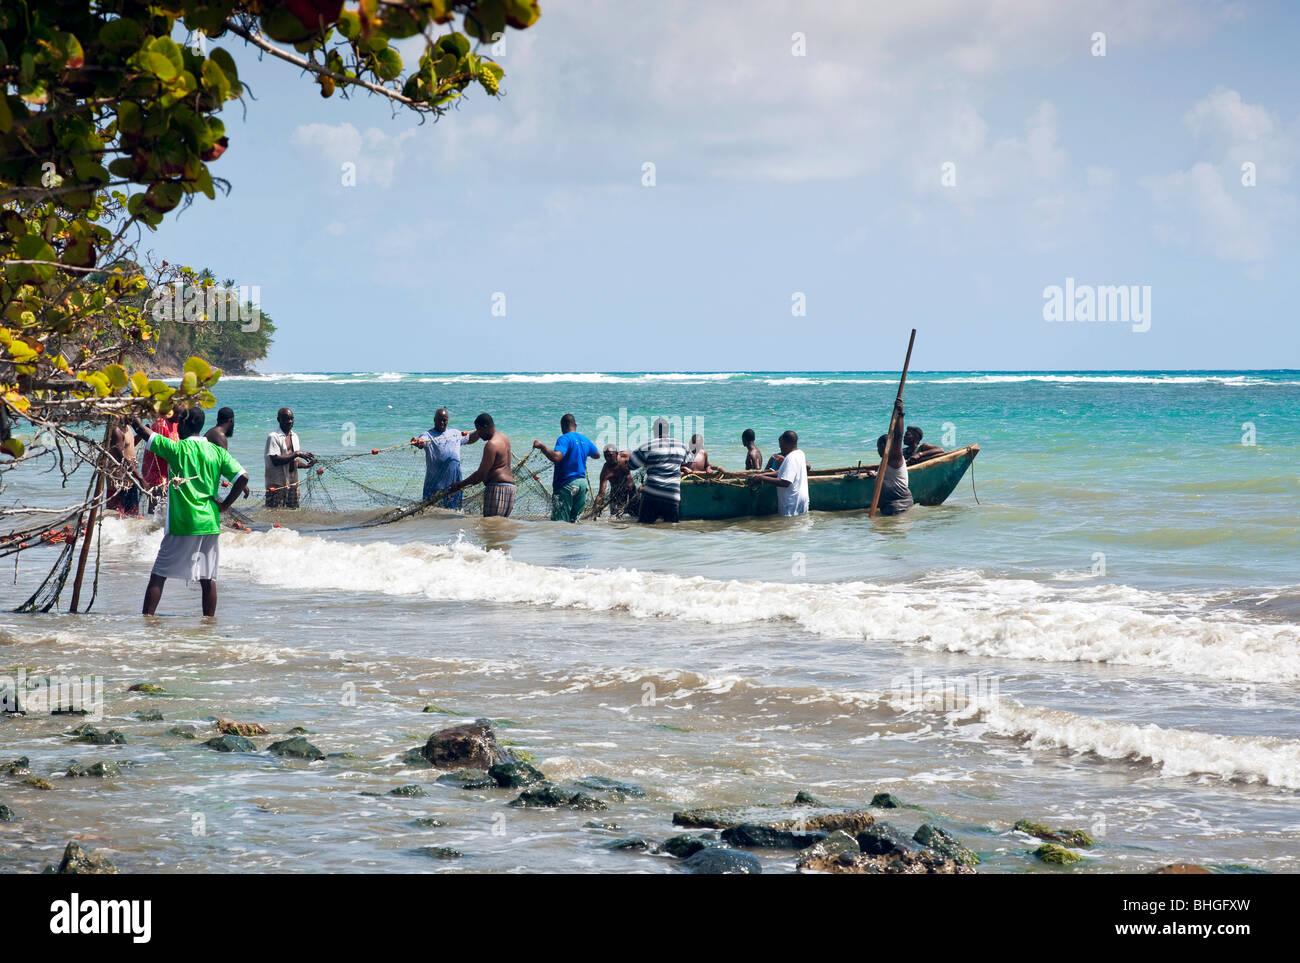 Seine net pesca de bajura Rockly Bay Tobago Imagen De Stock